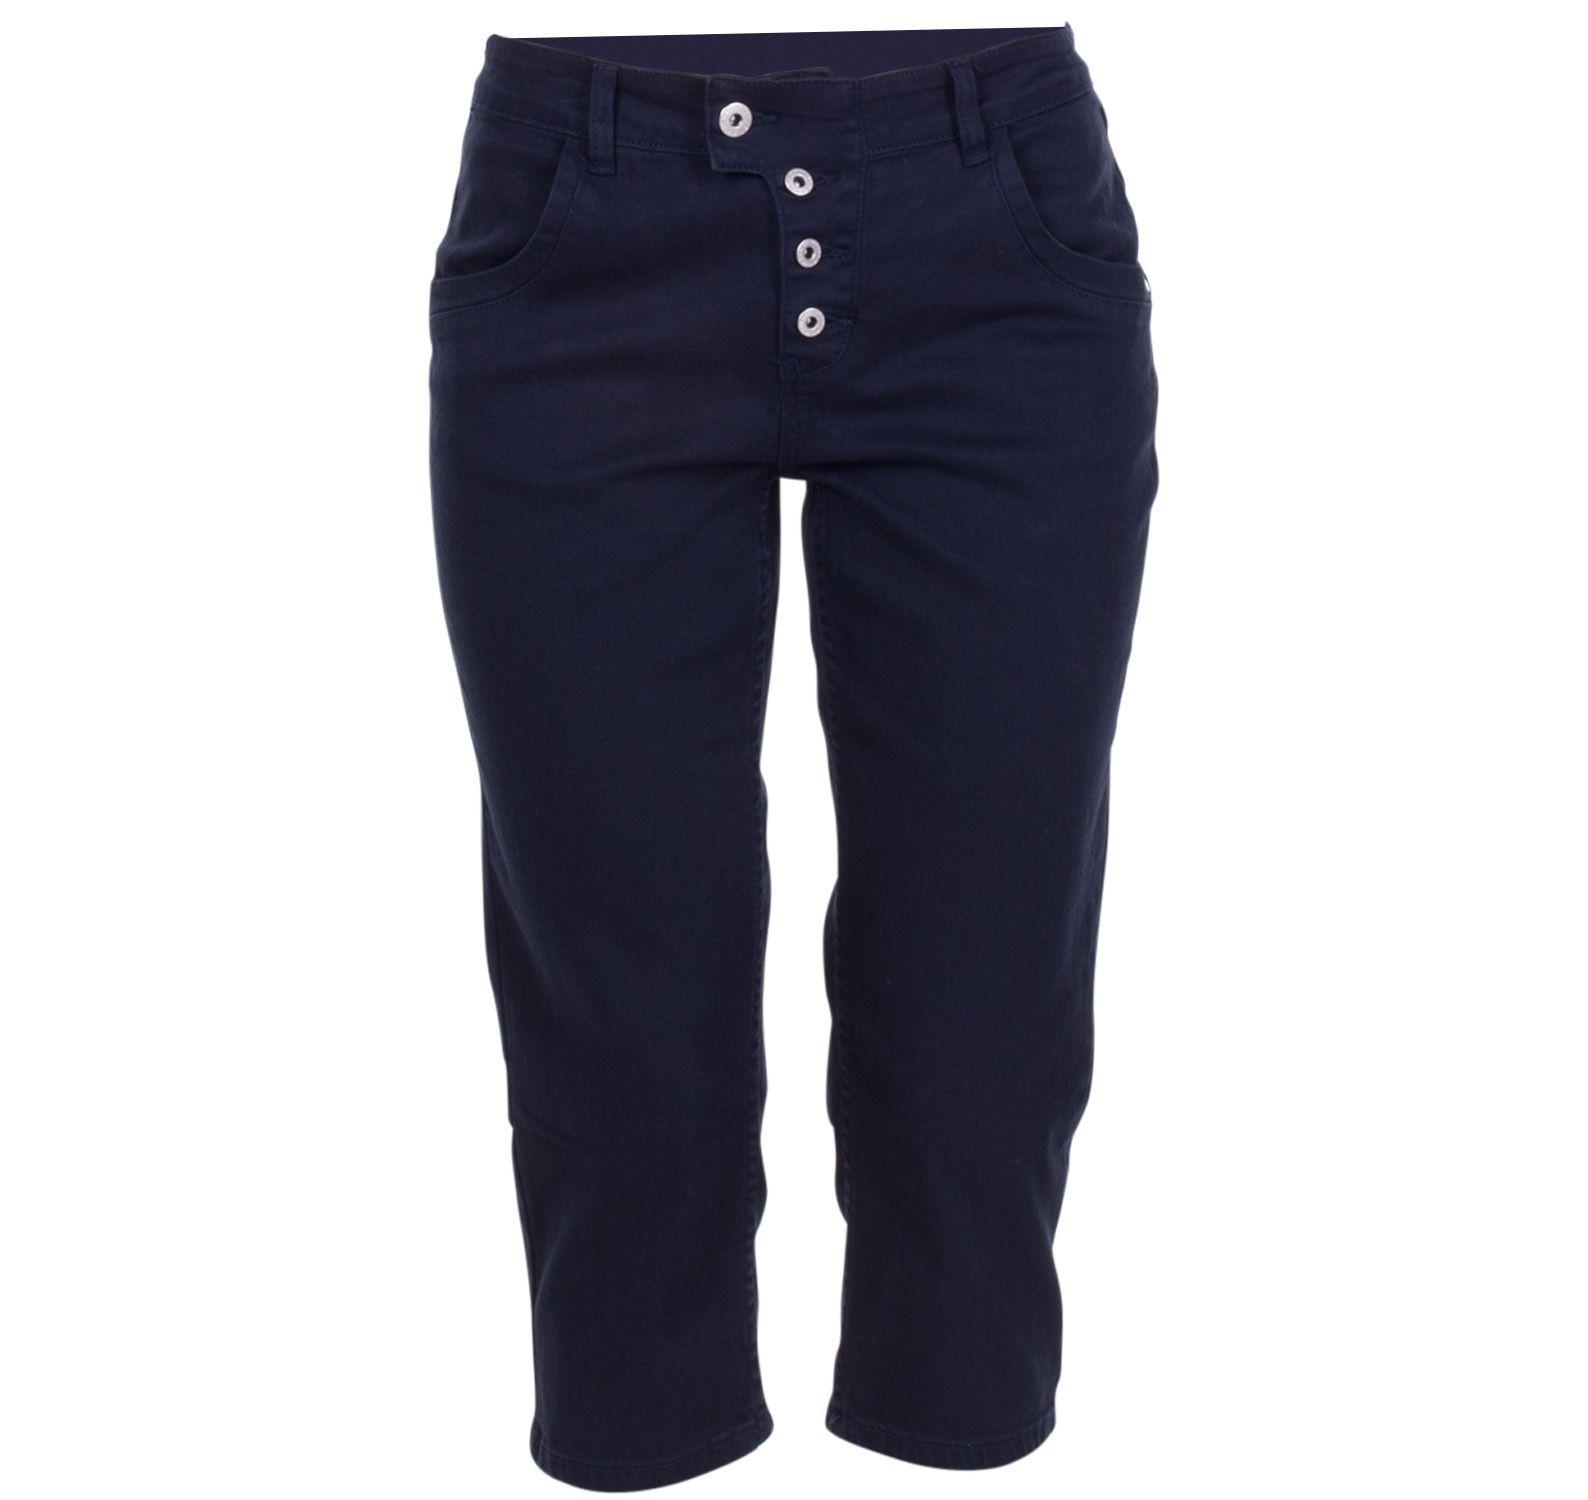 acapulco 3/4 pants, dk navy, 40,  seaside